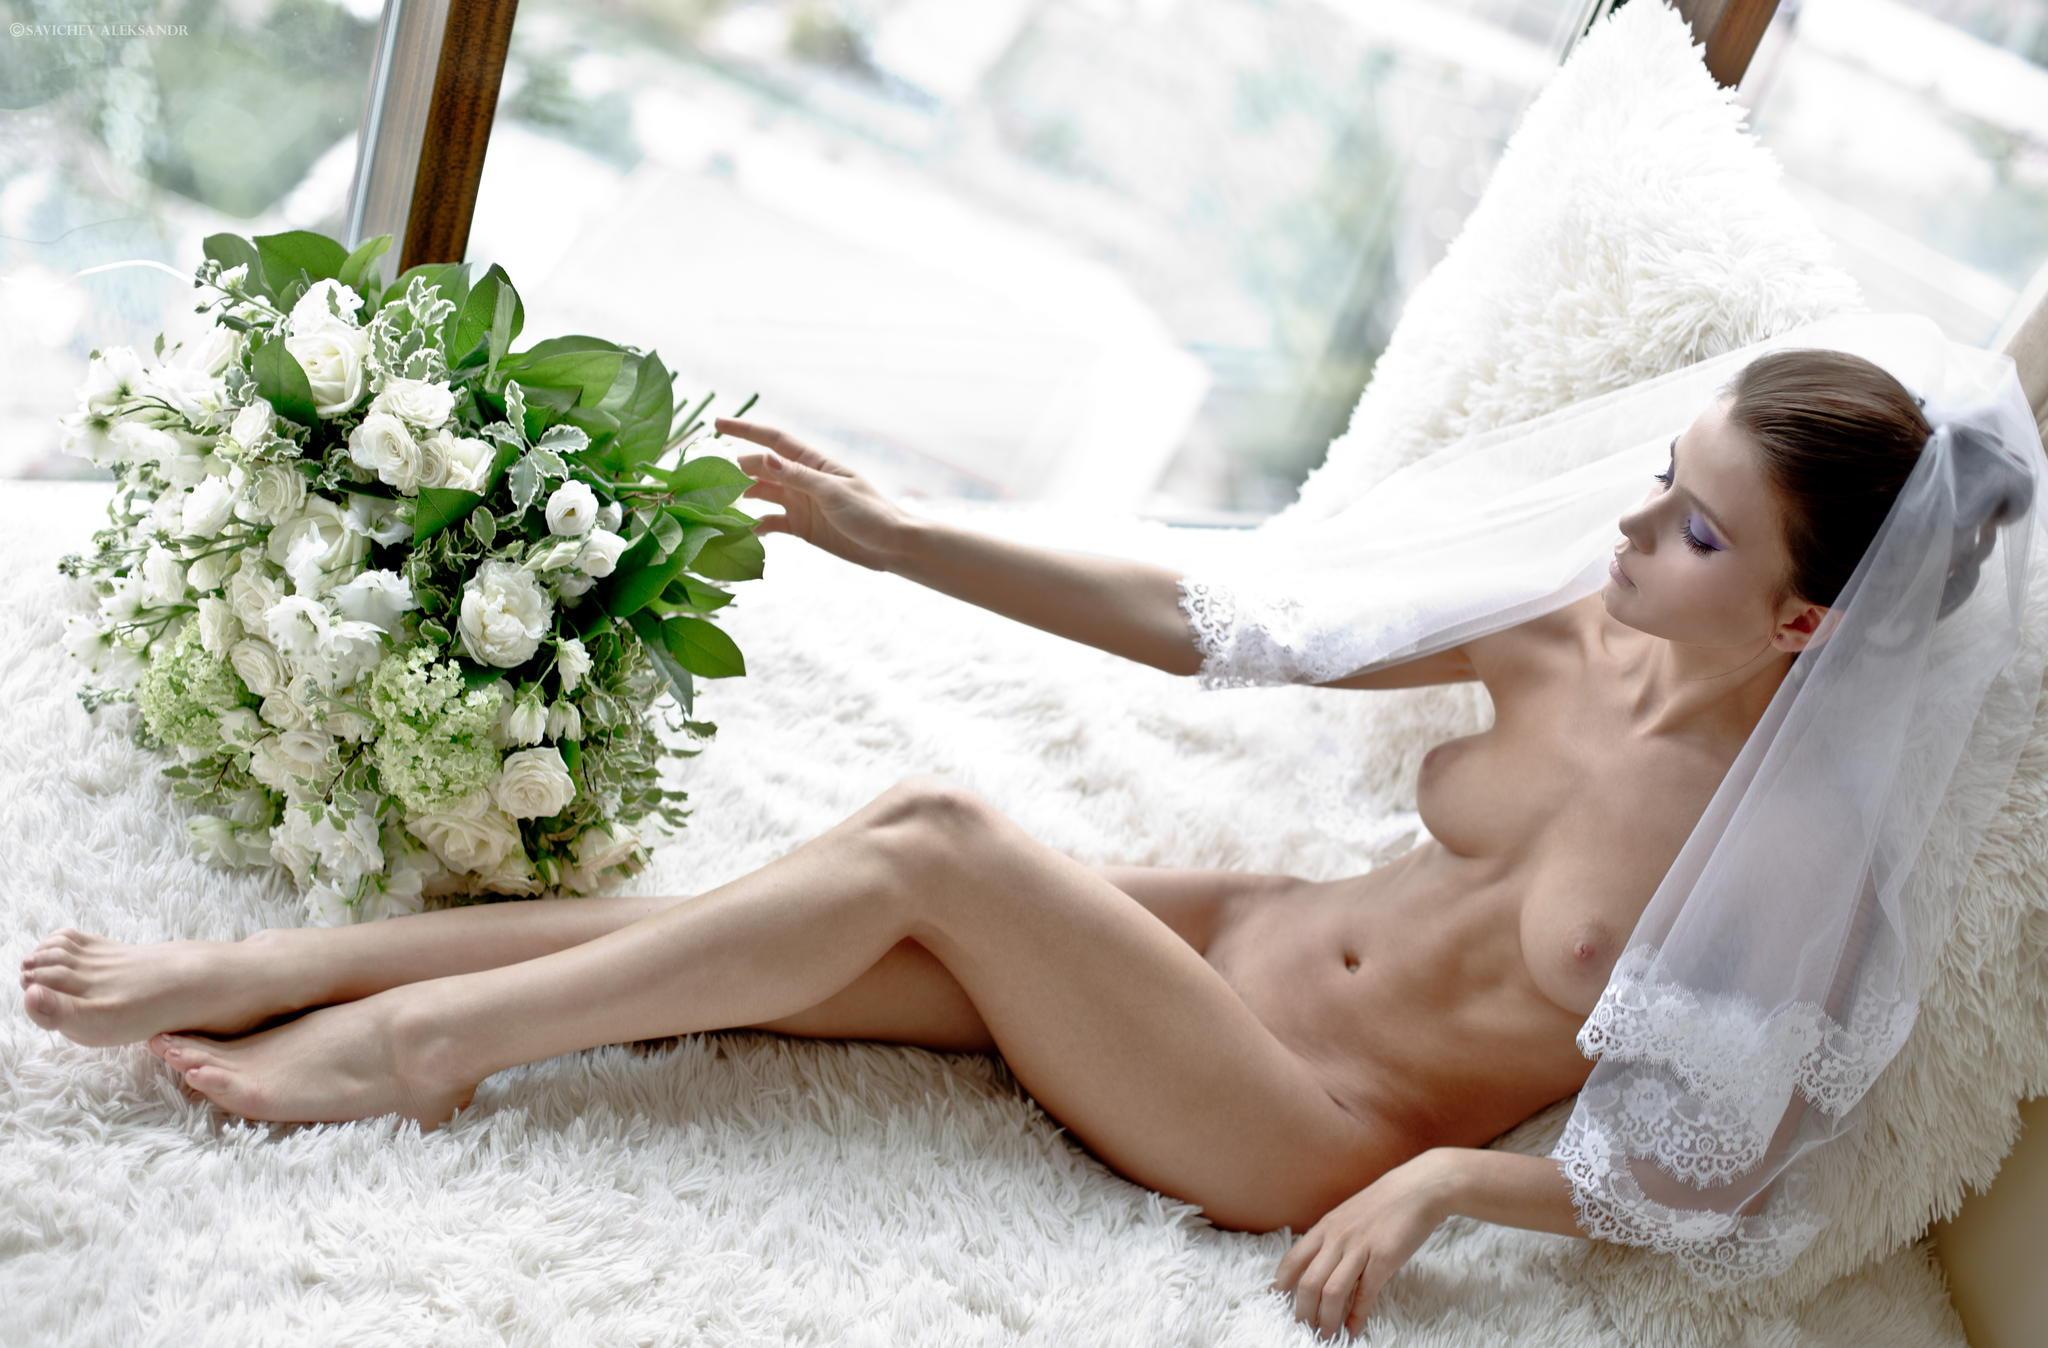 krasivoe-foto-erotika-nevesti